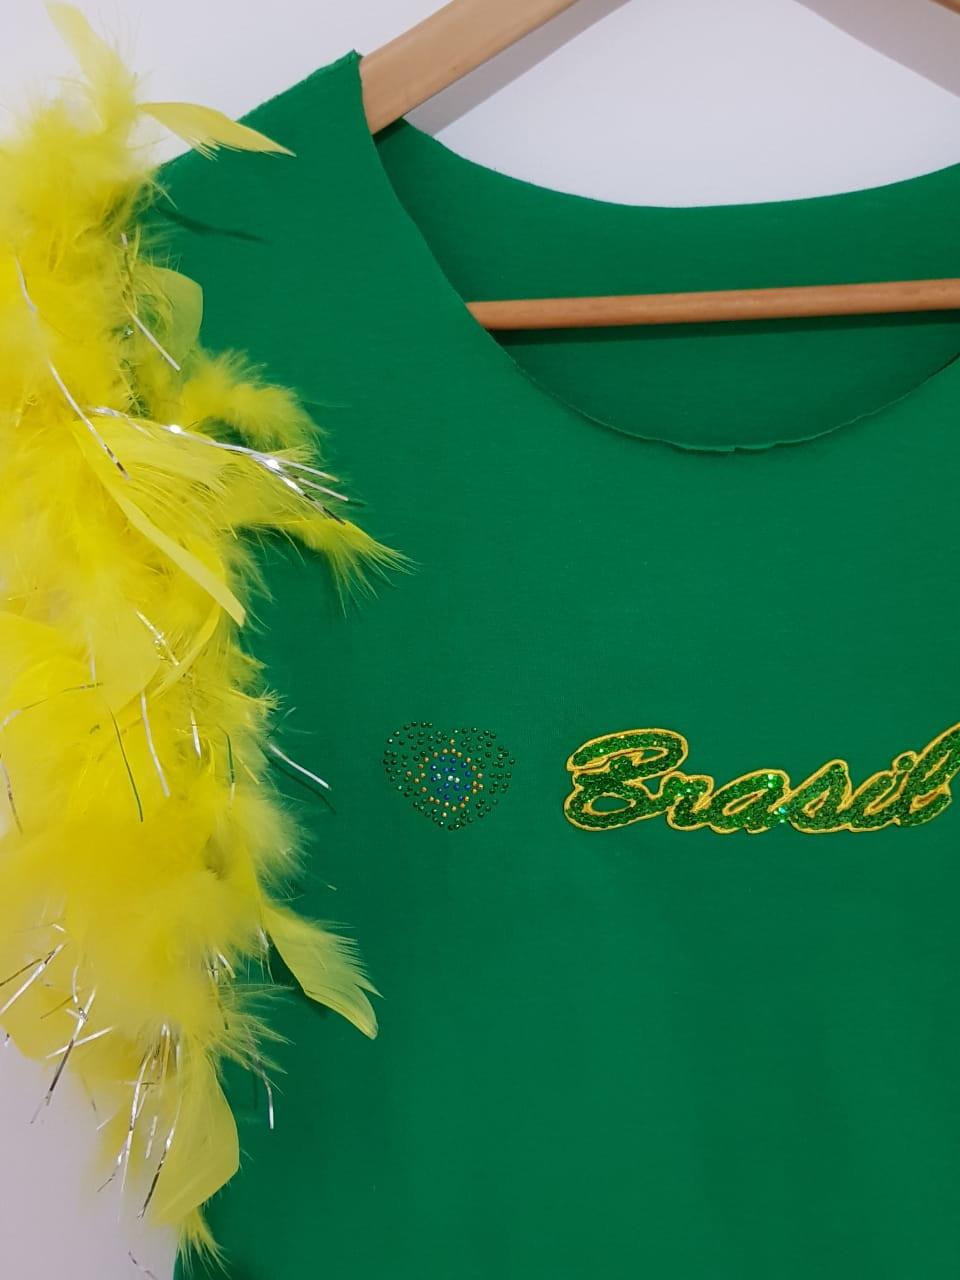 c4d25fc812 Camiseta Brasil Personalizada Feminina Verde com Plumas